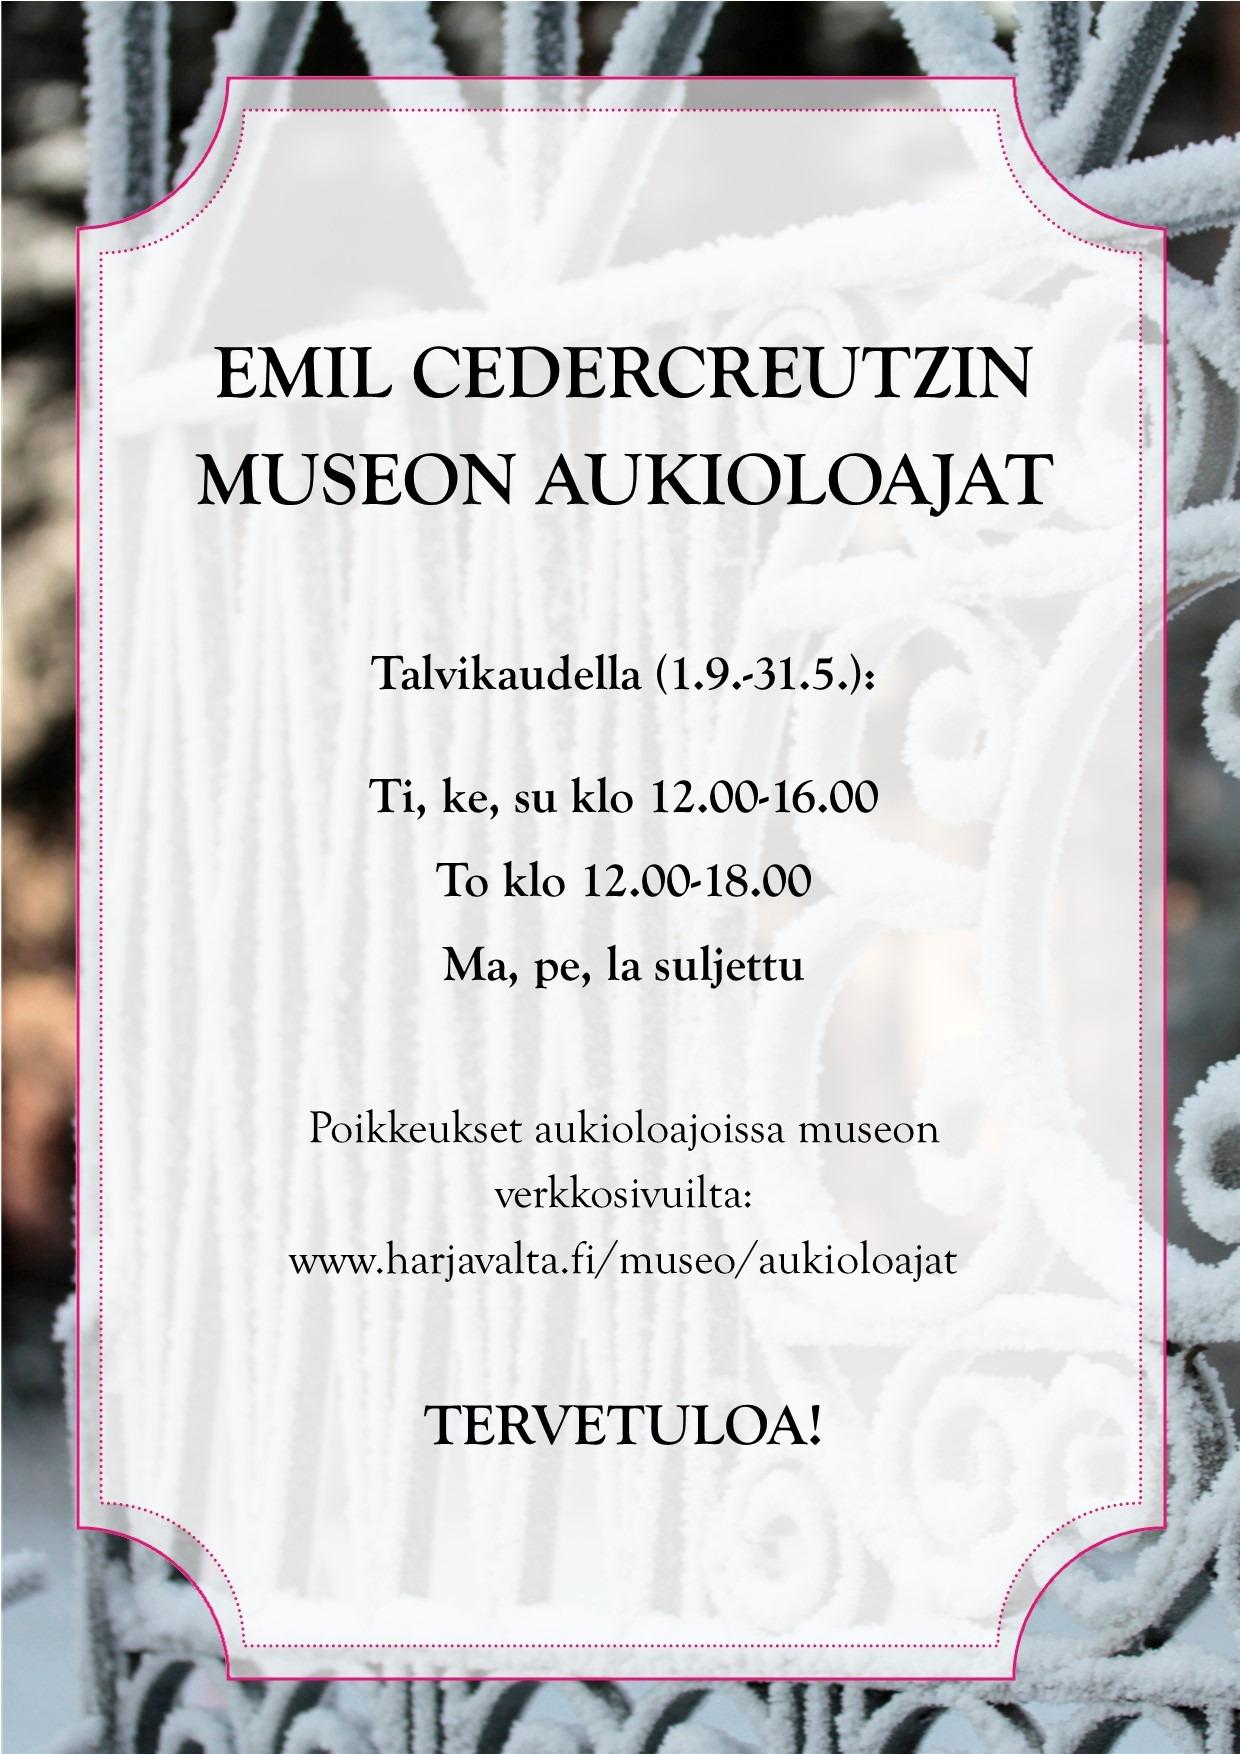 Kuvassa museon aukioloajat, jotka ovat myös sivun tekstiosuudessa. Kuva on koristeellinen.